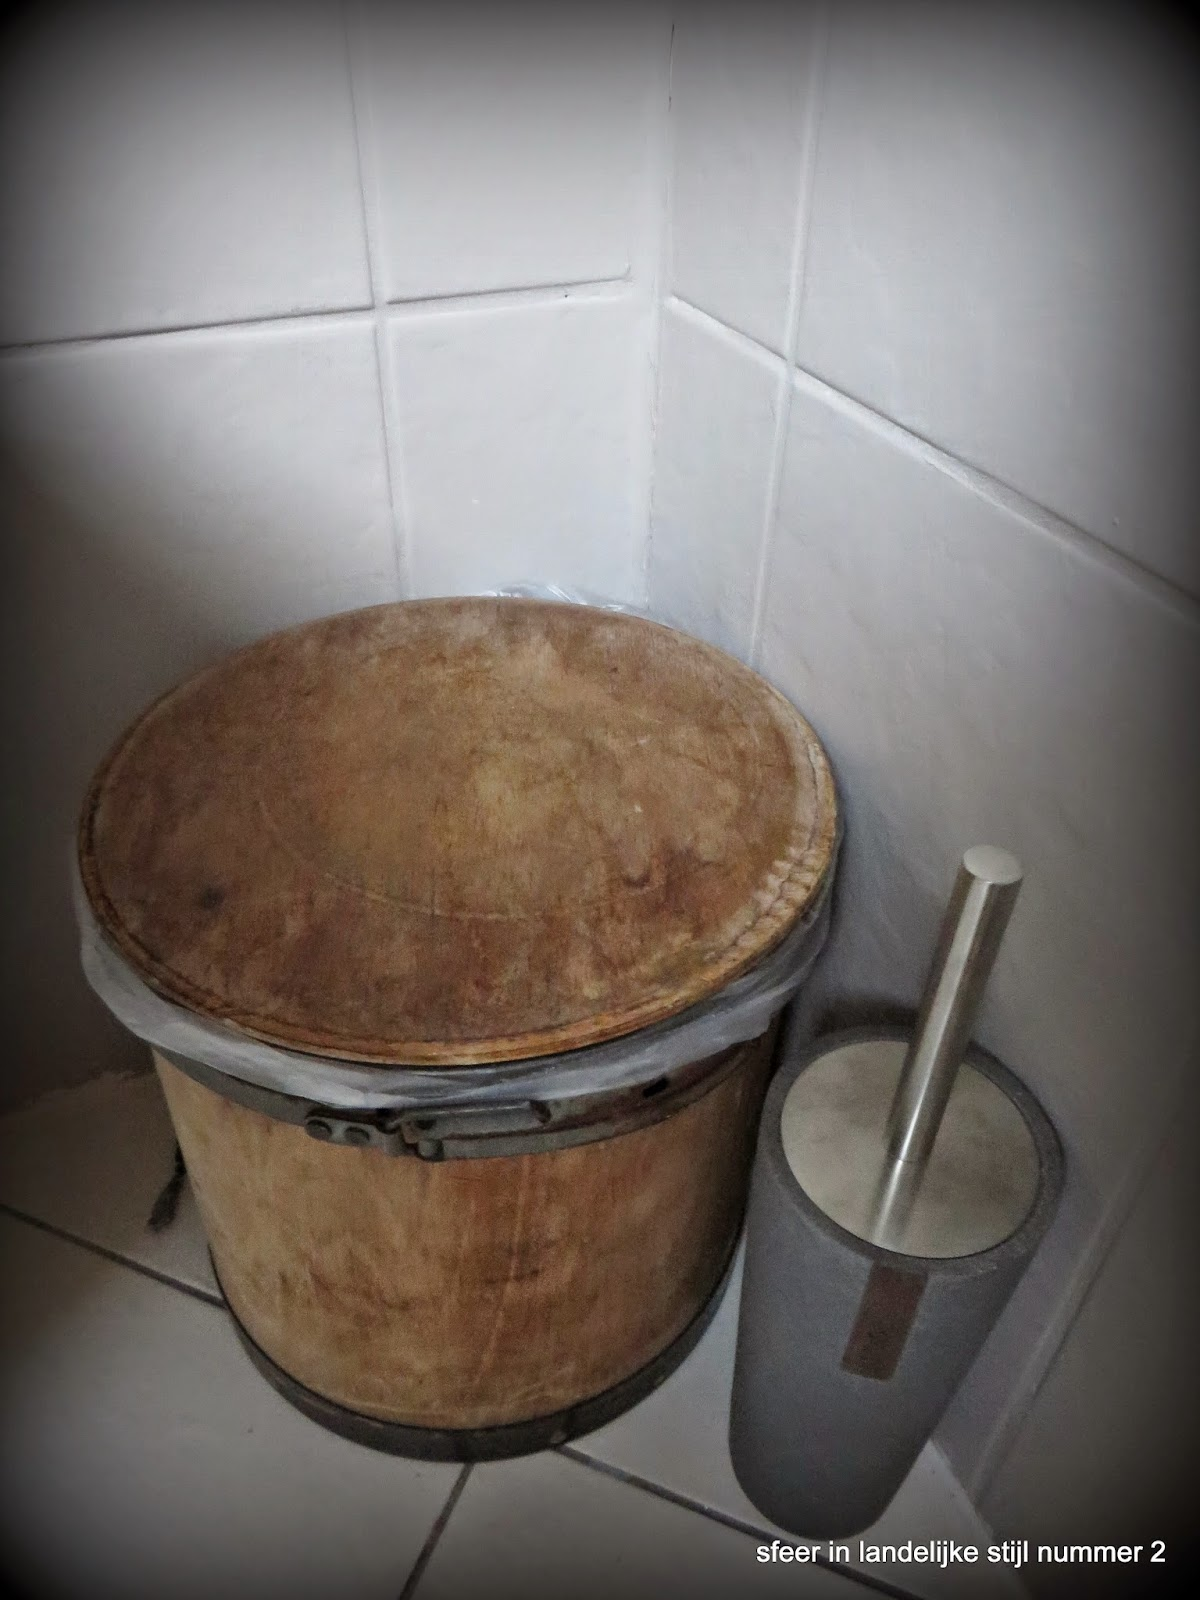 Witte prullenbak weggehaald en een oud zuurkoolvat doet nu dienst als prullenbak de - Wc a l oud ...